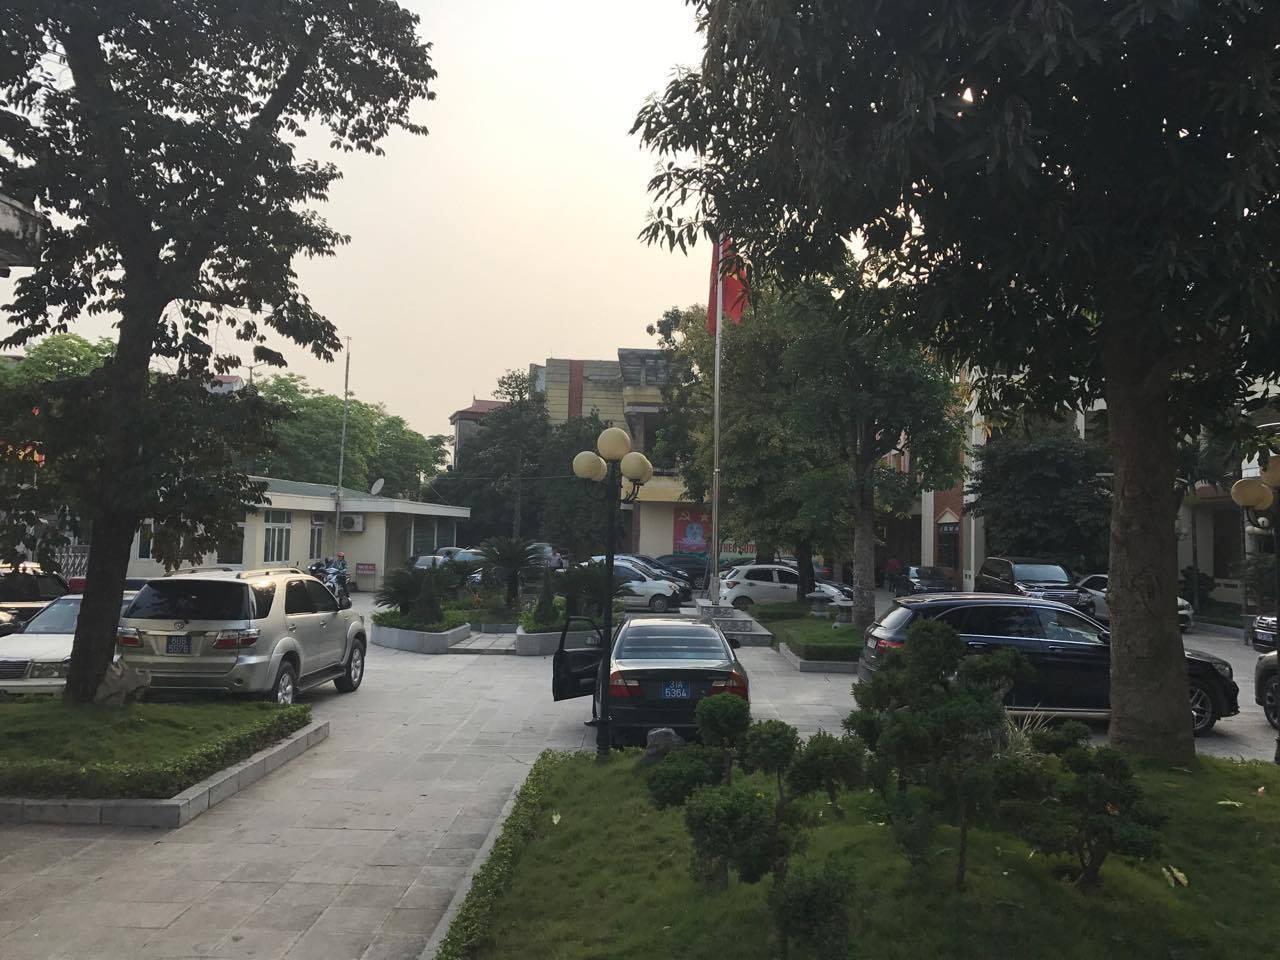 Trụ sở UBND huyện Mỹ Đức chiều nay. Ảnh: Phong Nguyễn